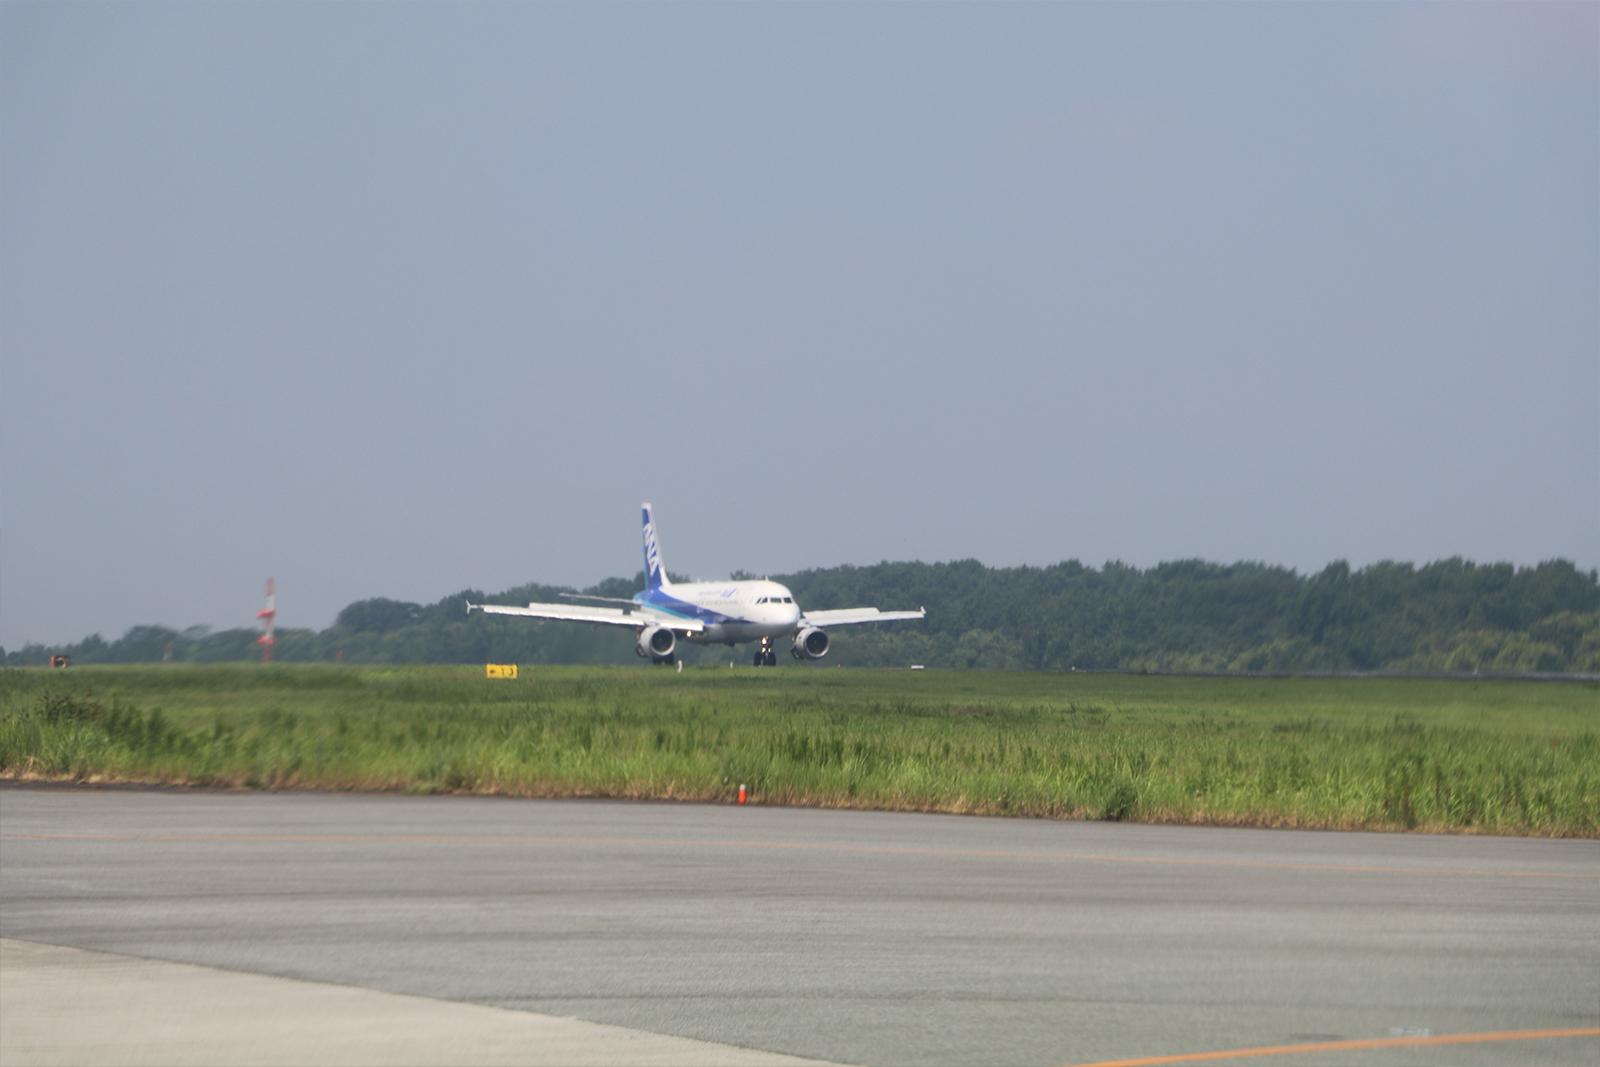 滑走路にジェット機が着陸